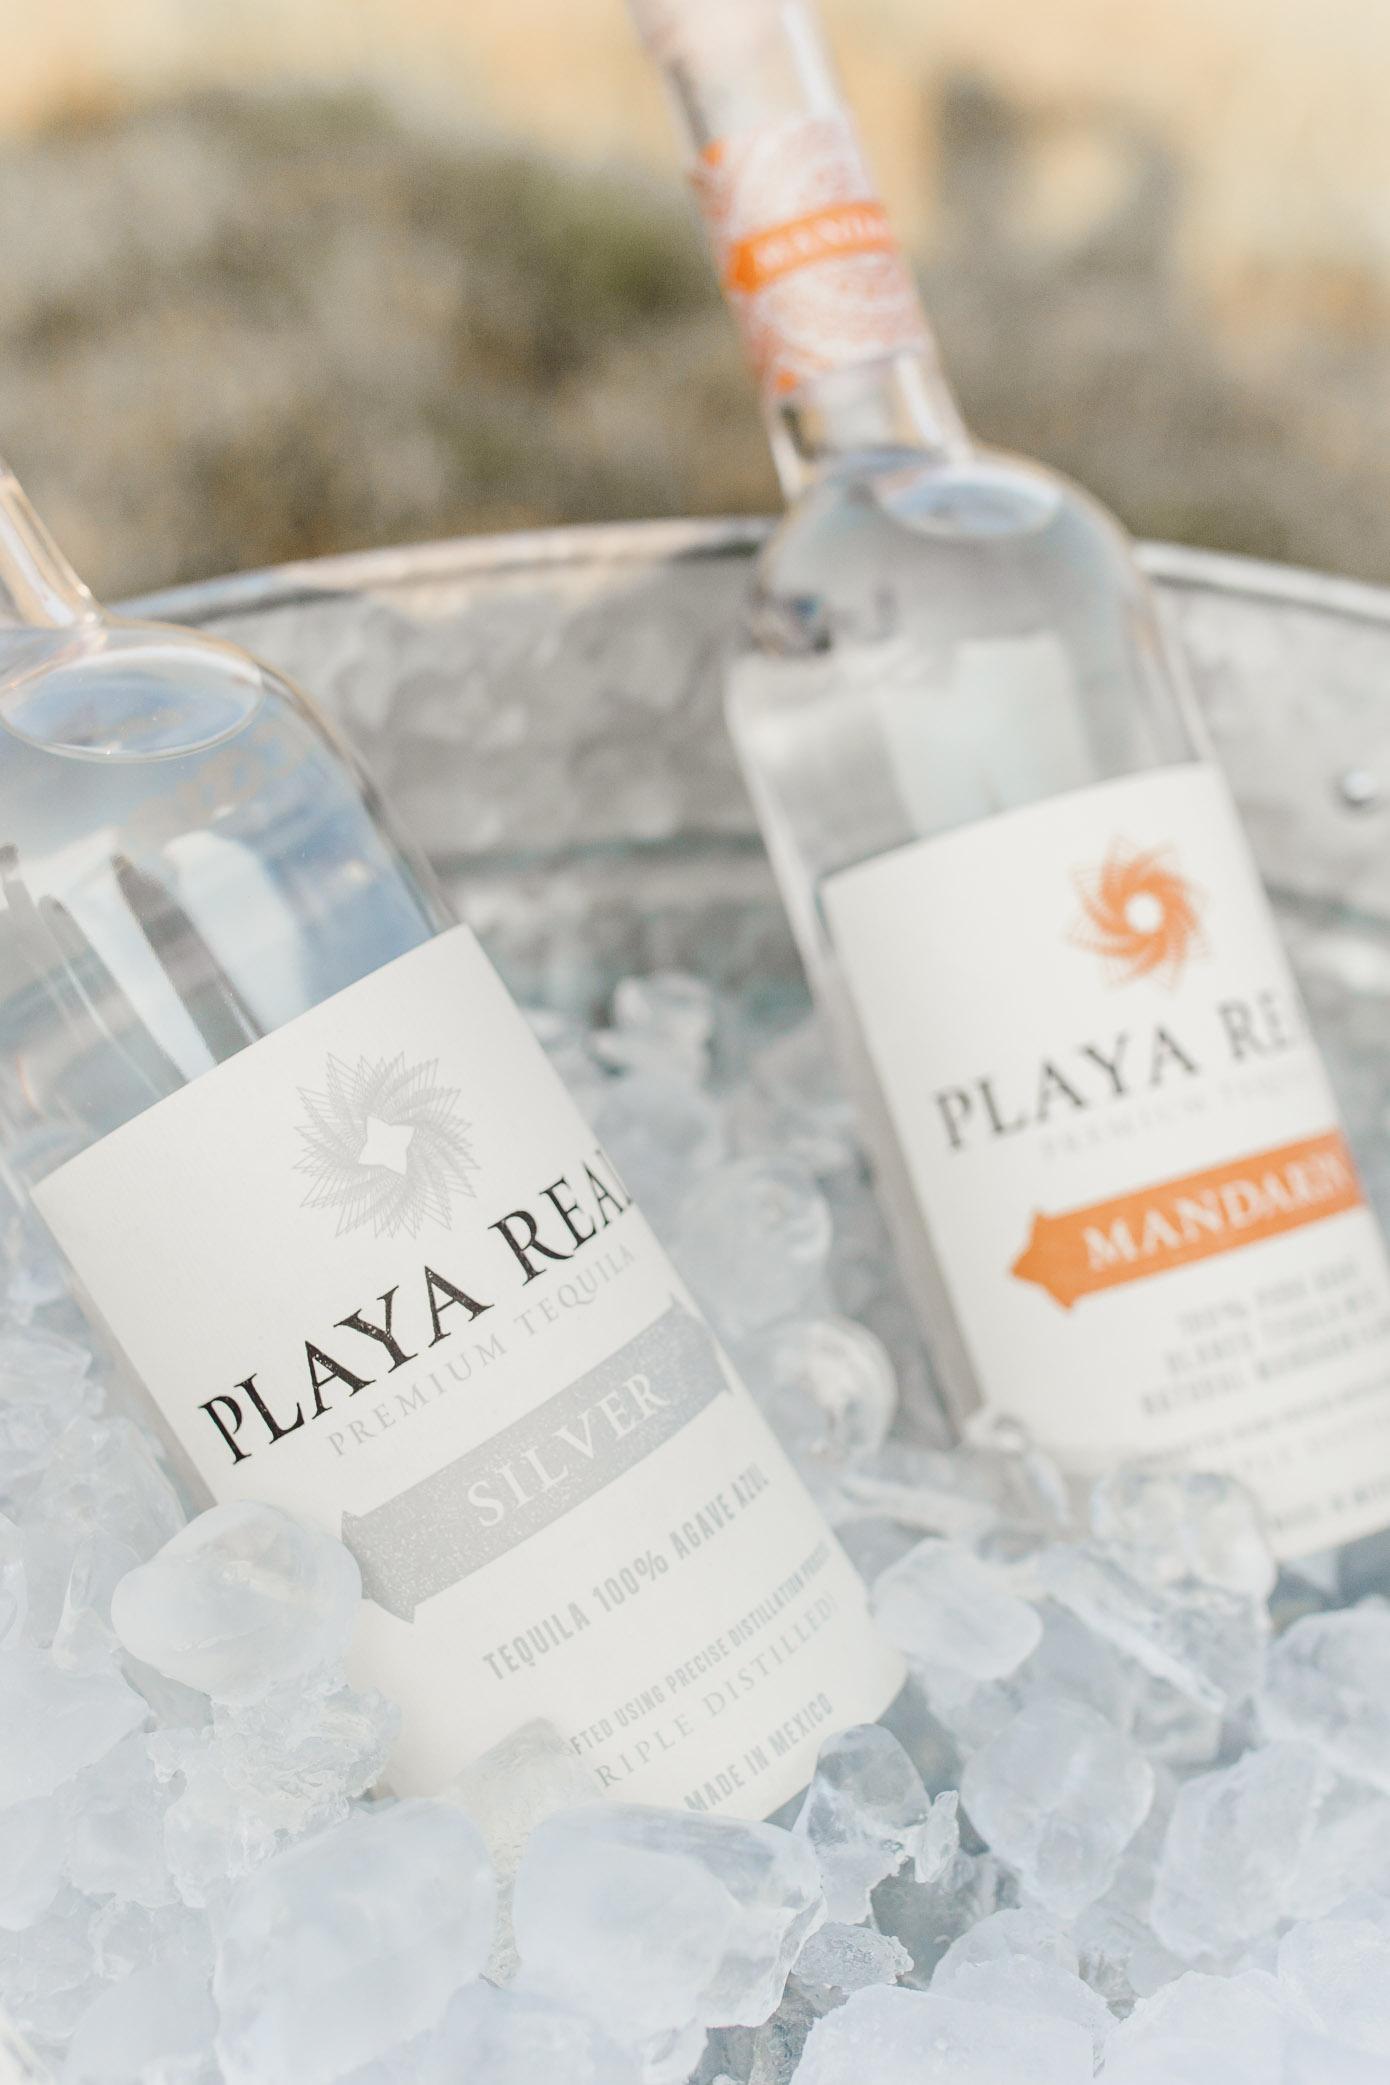 Playa Real Flavored Tequila | Summer Margaritas | Louella Reese